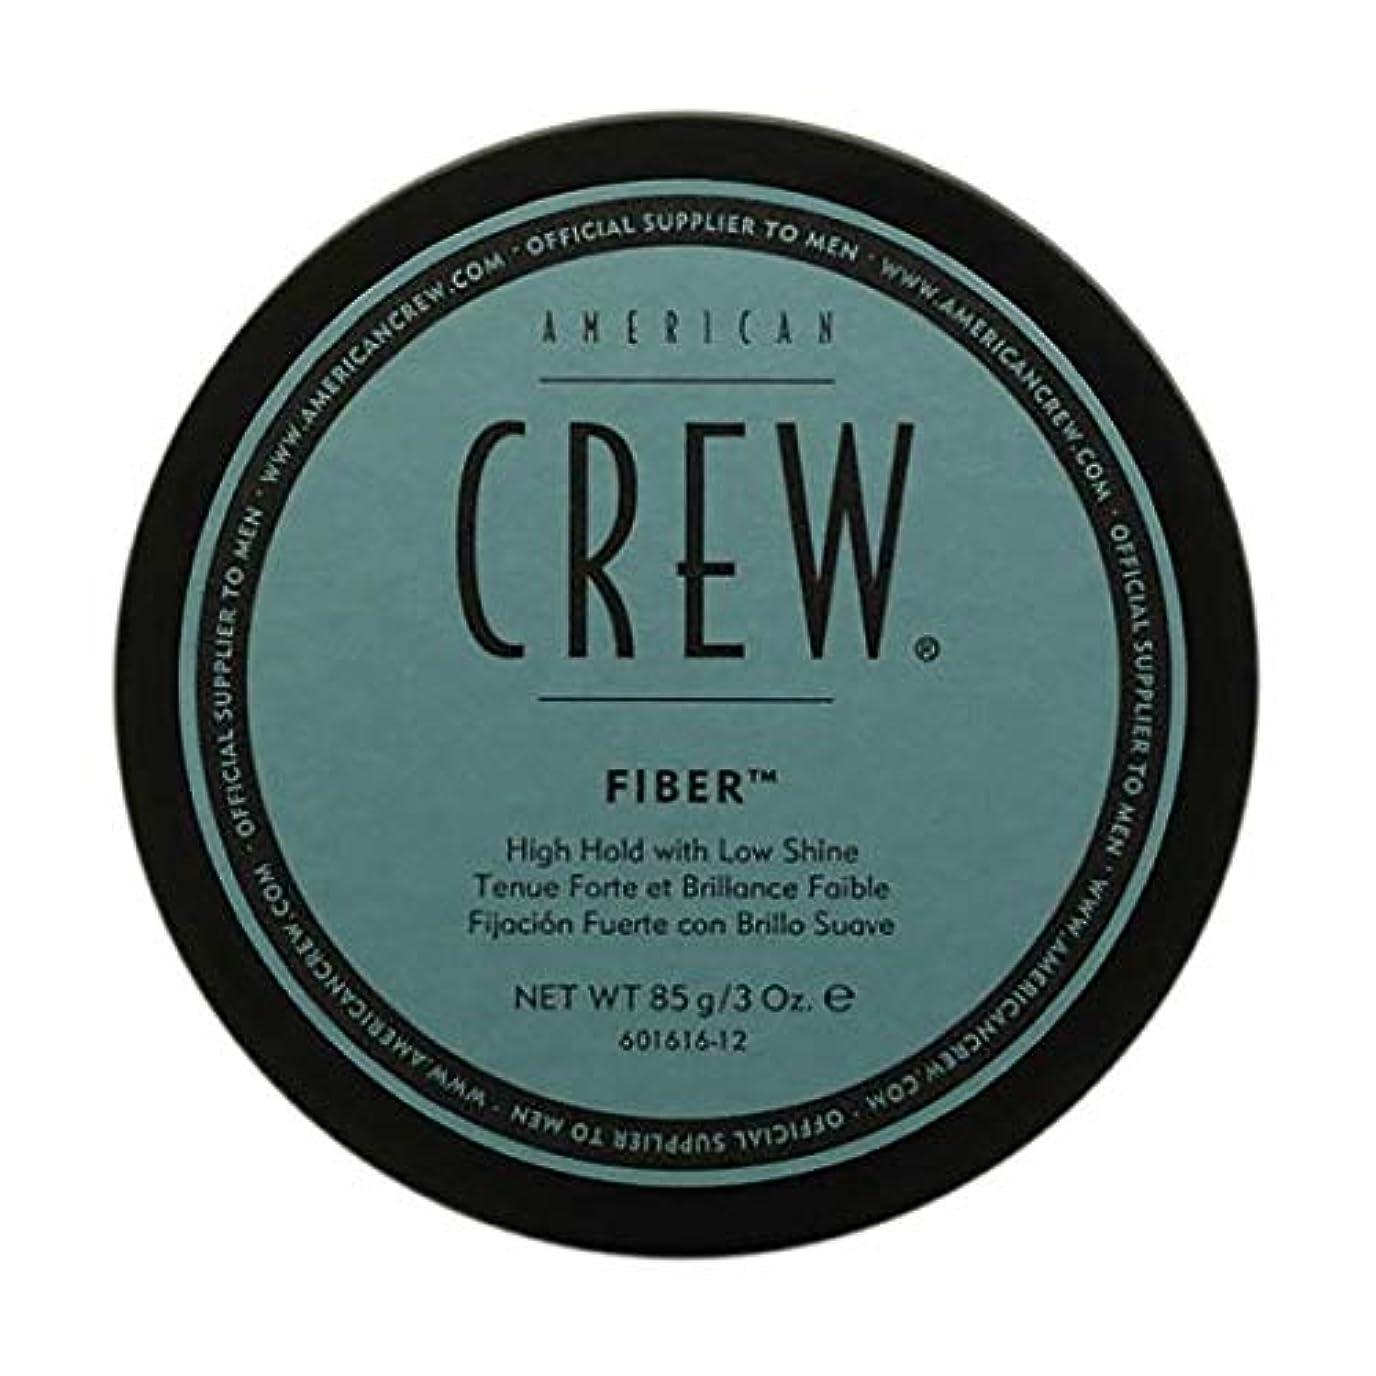 栄光家族前進アメリカンクルー クラシック ファイバー American Crew Fiber 85g [並行輸入品]